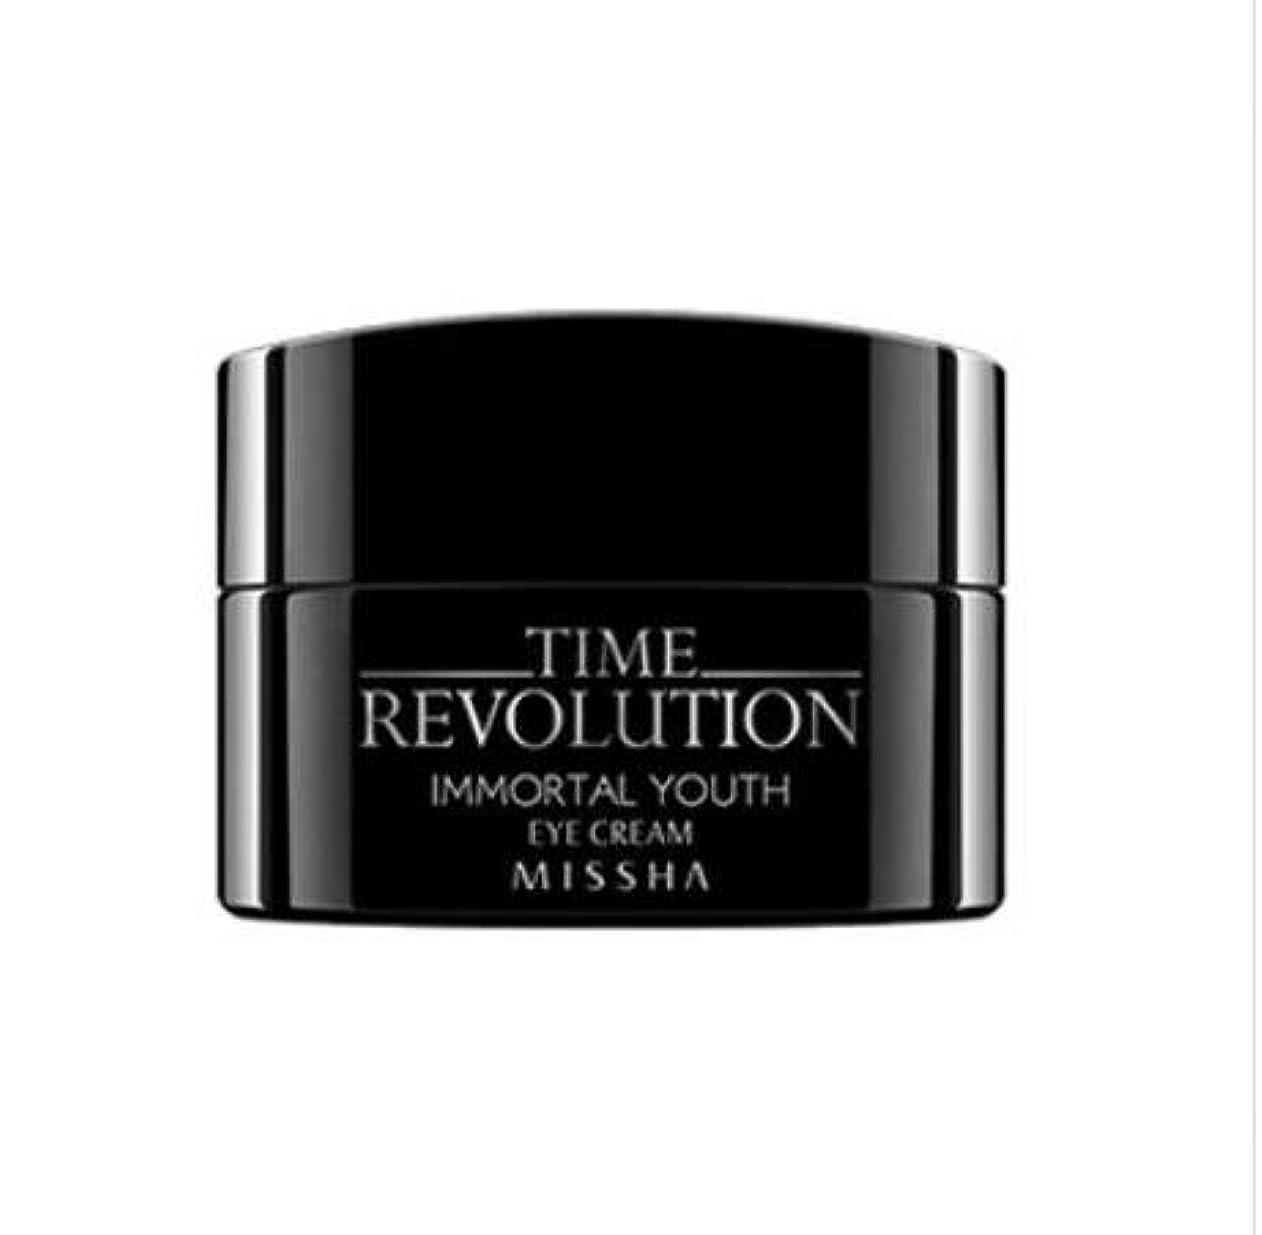 実証する懲らしめ見捨てる[ミシャ] Missha [タイムレボリューション イモタルユース アイクリーム](MISSHA Time Revolution Immortal Youth Eye Cream) [並行輸入品]